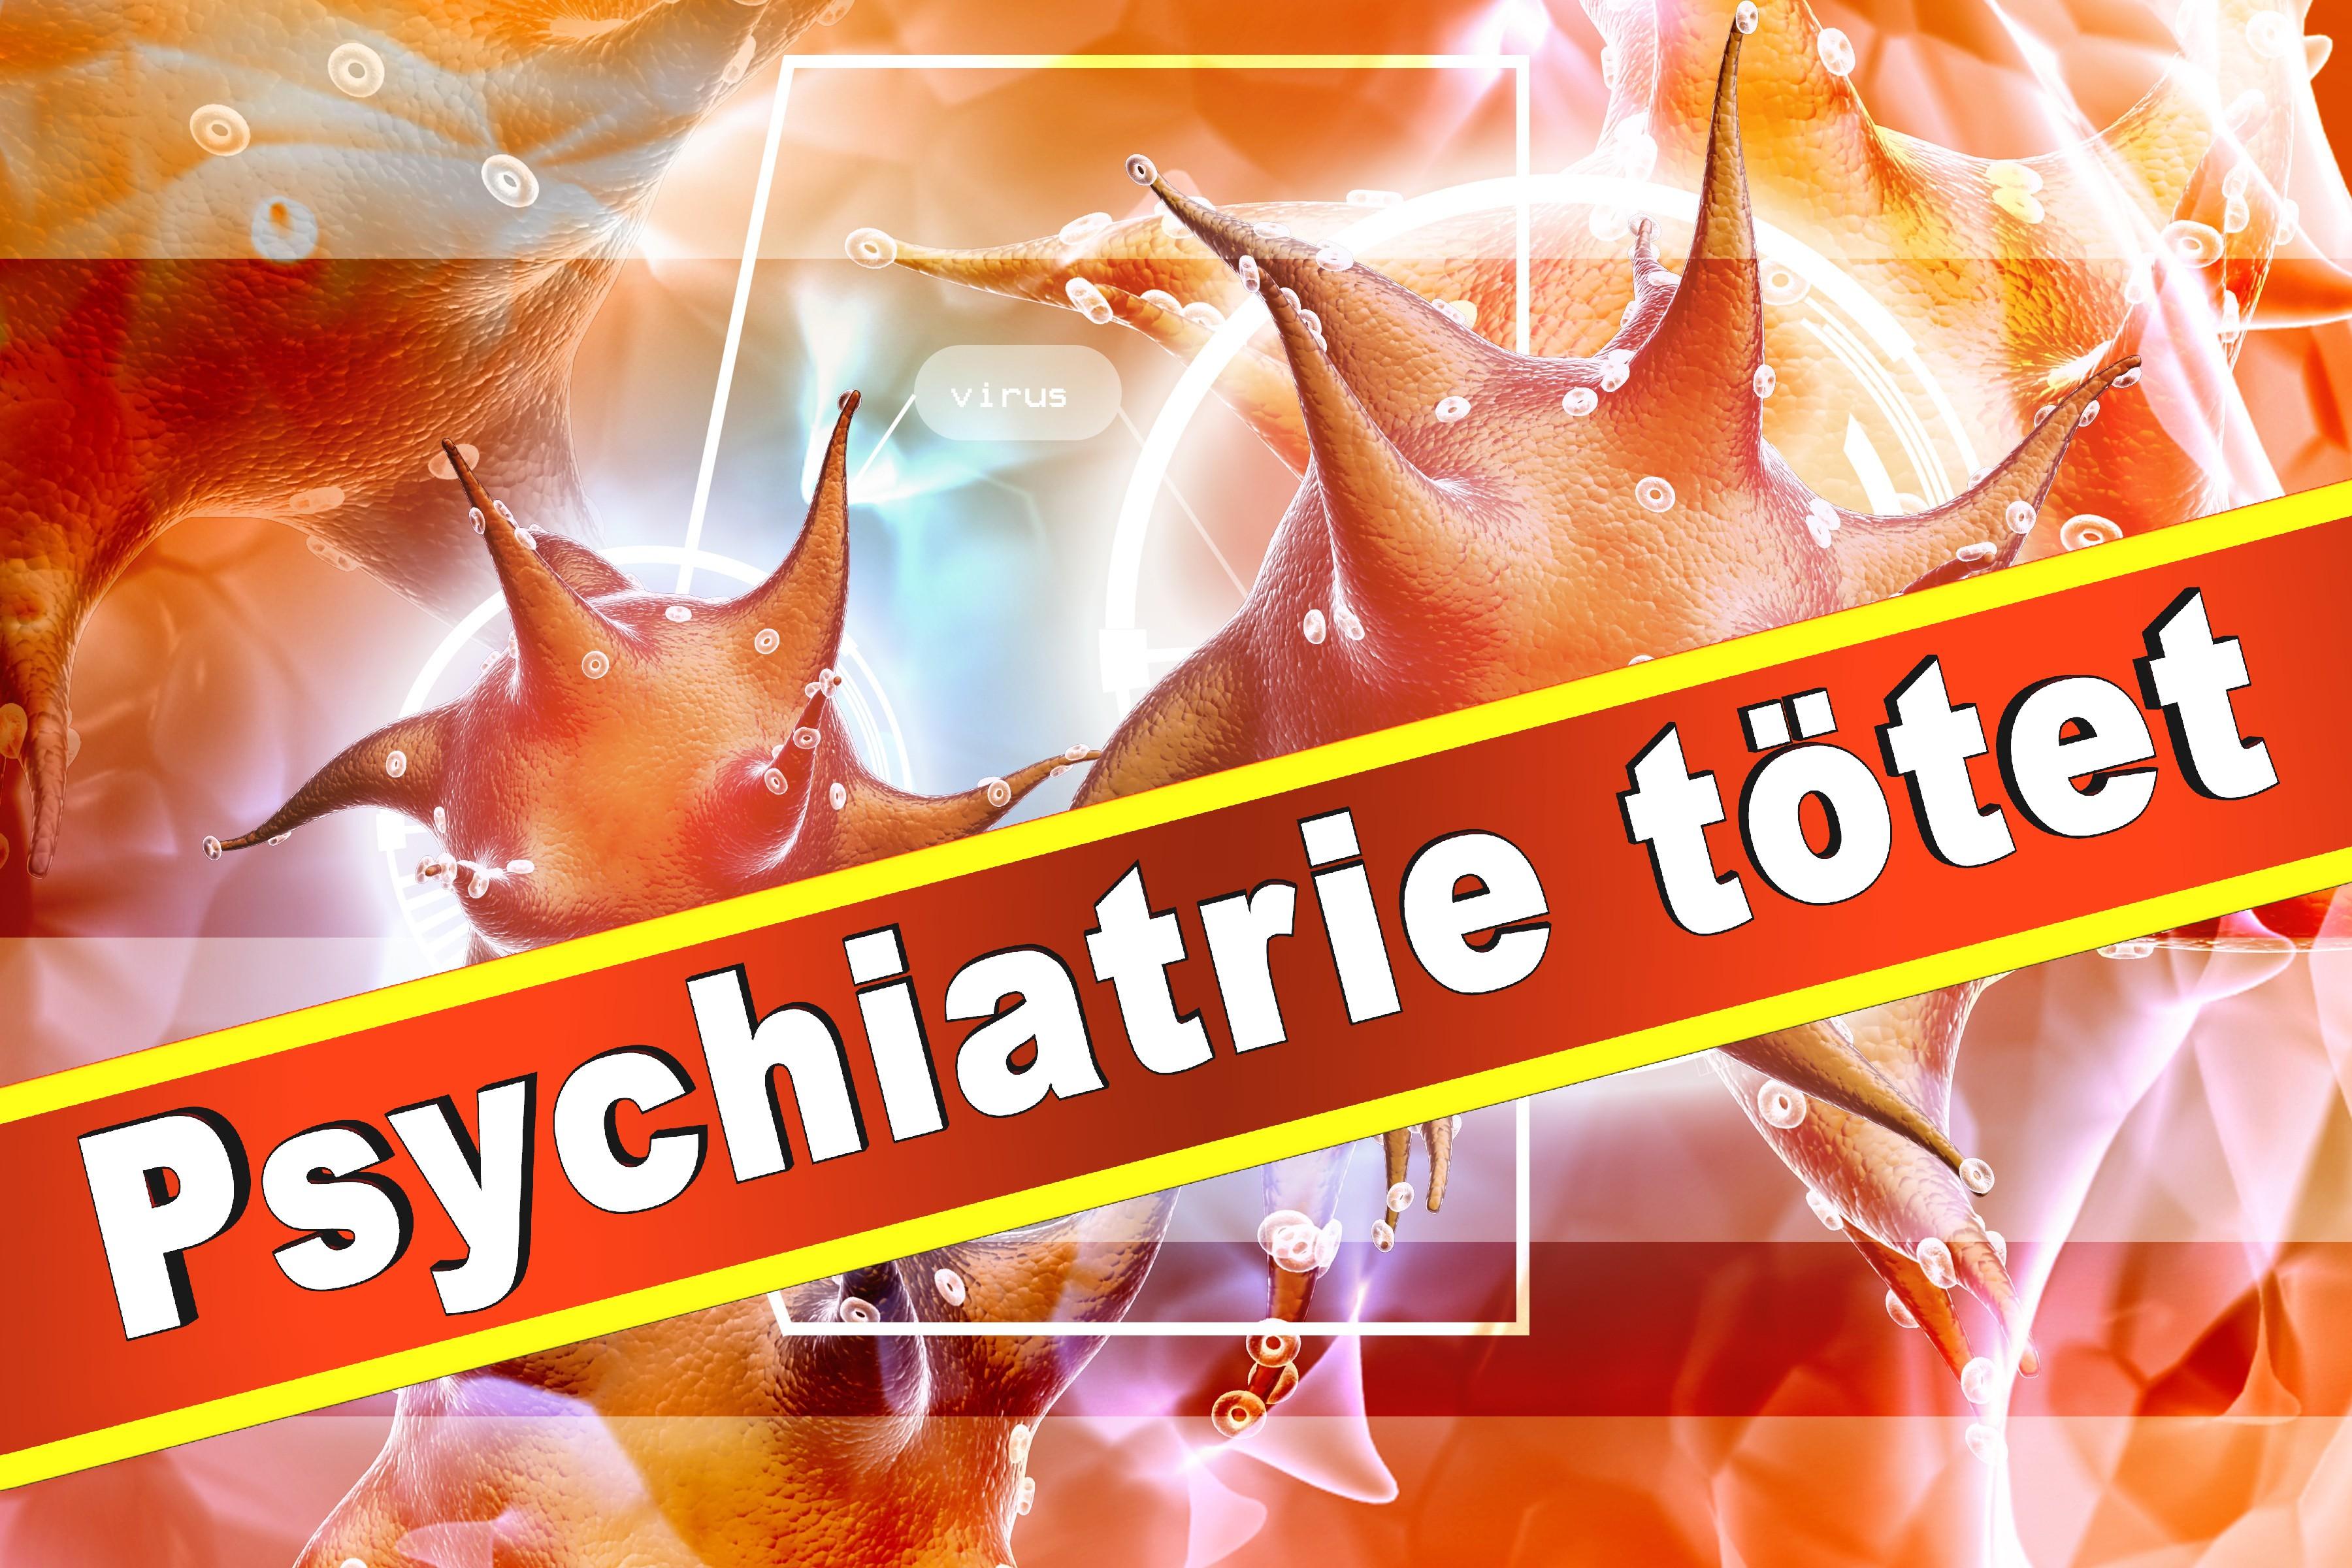 Wielant Machleidt Psychiater Psychotherapeut Professor Praxis Der Interkulturellen Psychiatrie Und Psychotherapie (26)